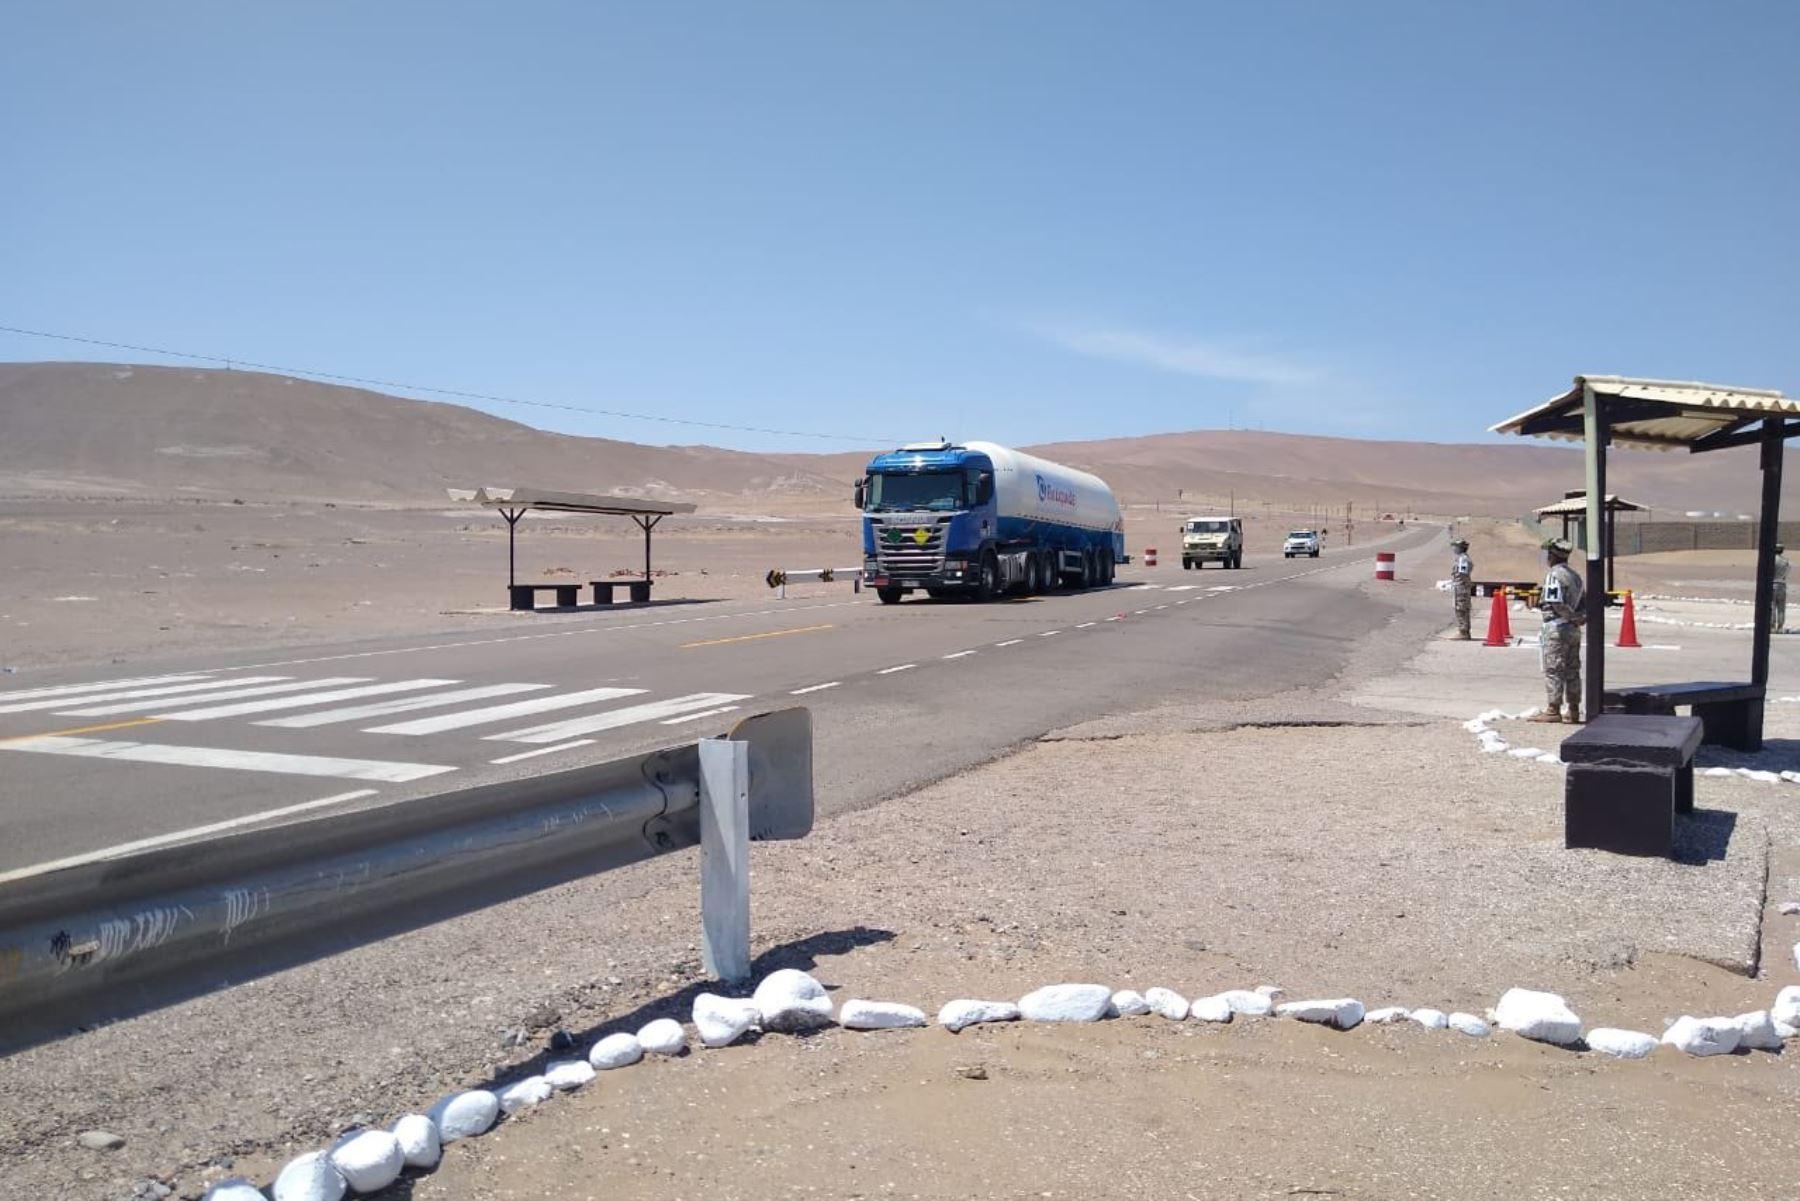 Primera2 entrega de oxígeno medicinal importado desde Chile está siendo trasladado a hospitales de Cañete y Lima. Vehículos terrestres y un helicóptero del  Ejercito Peruano, resguardan el convoy en la ruta. Foto: ANDINA/Mindef